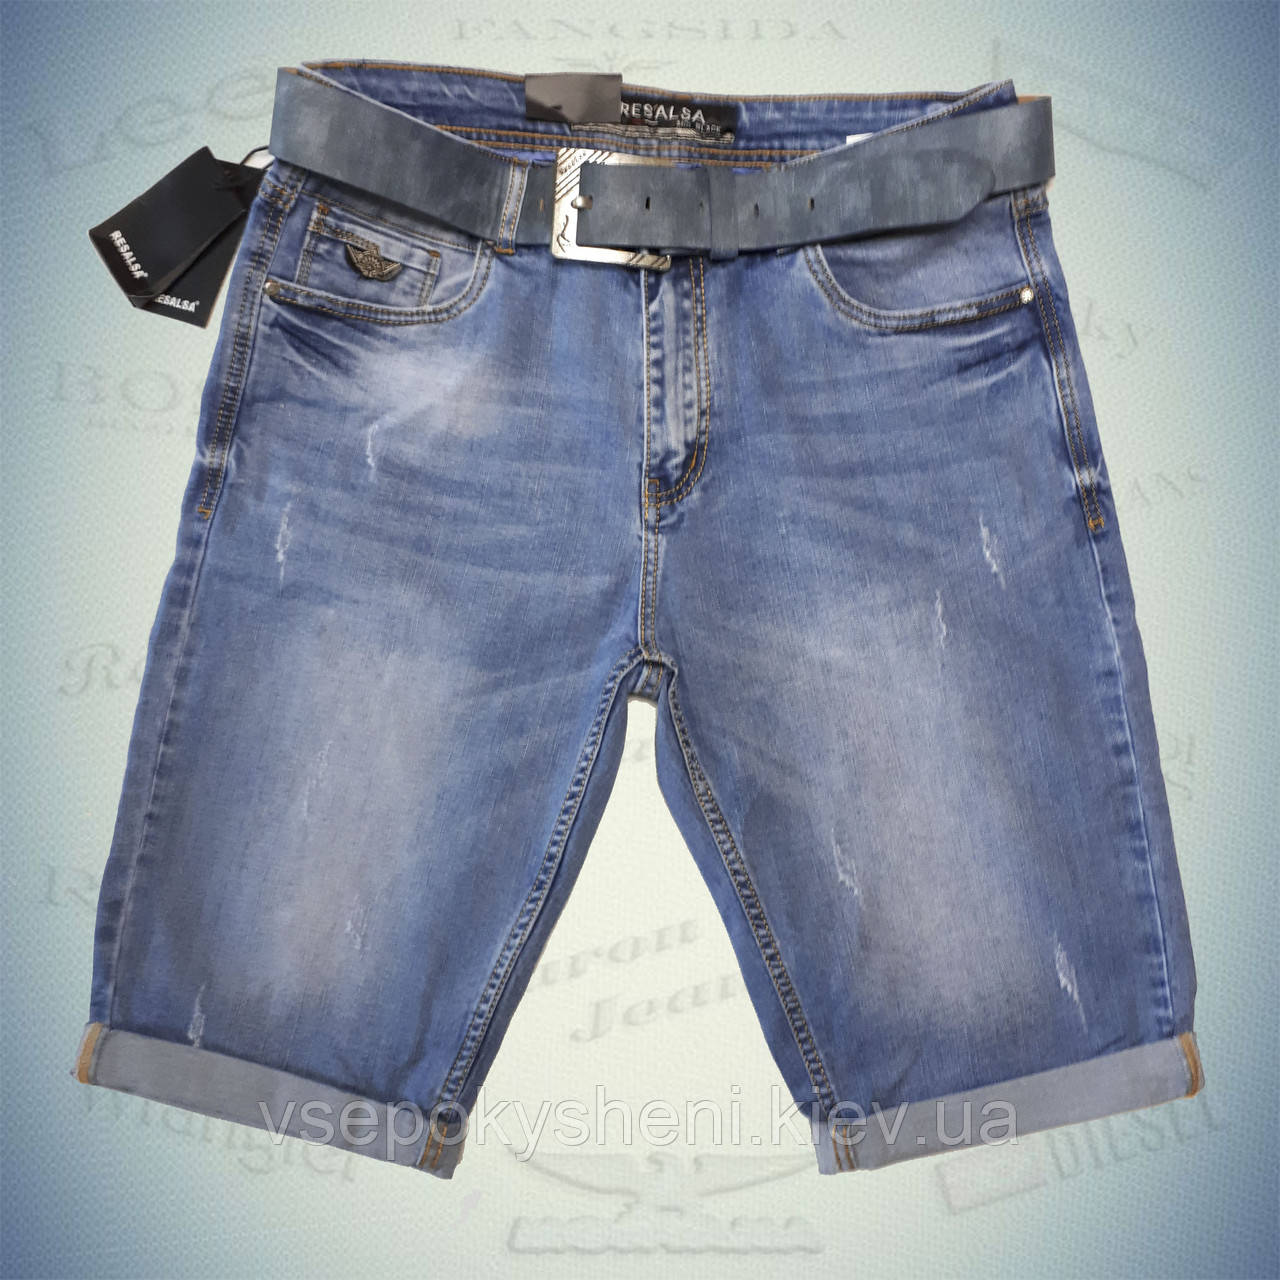 Шорты джинсовые мужские RESALSA размеры 30,31,32,33,34